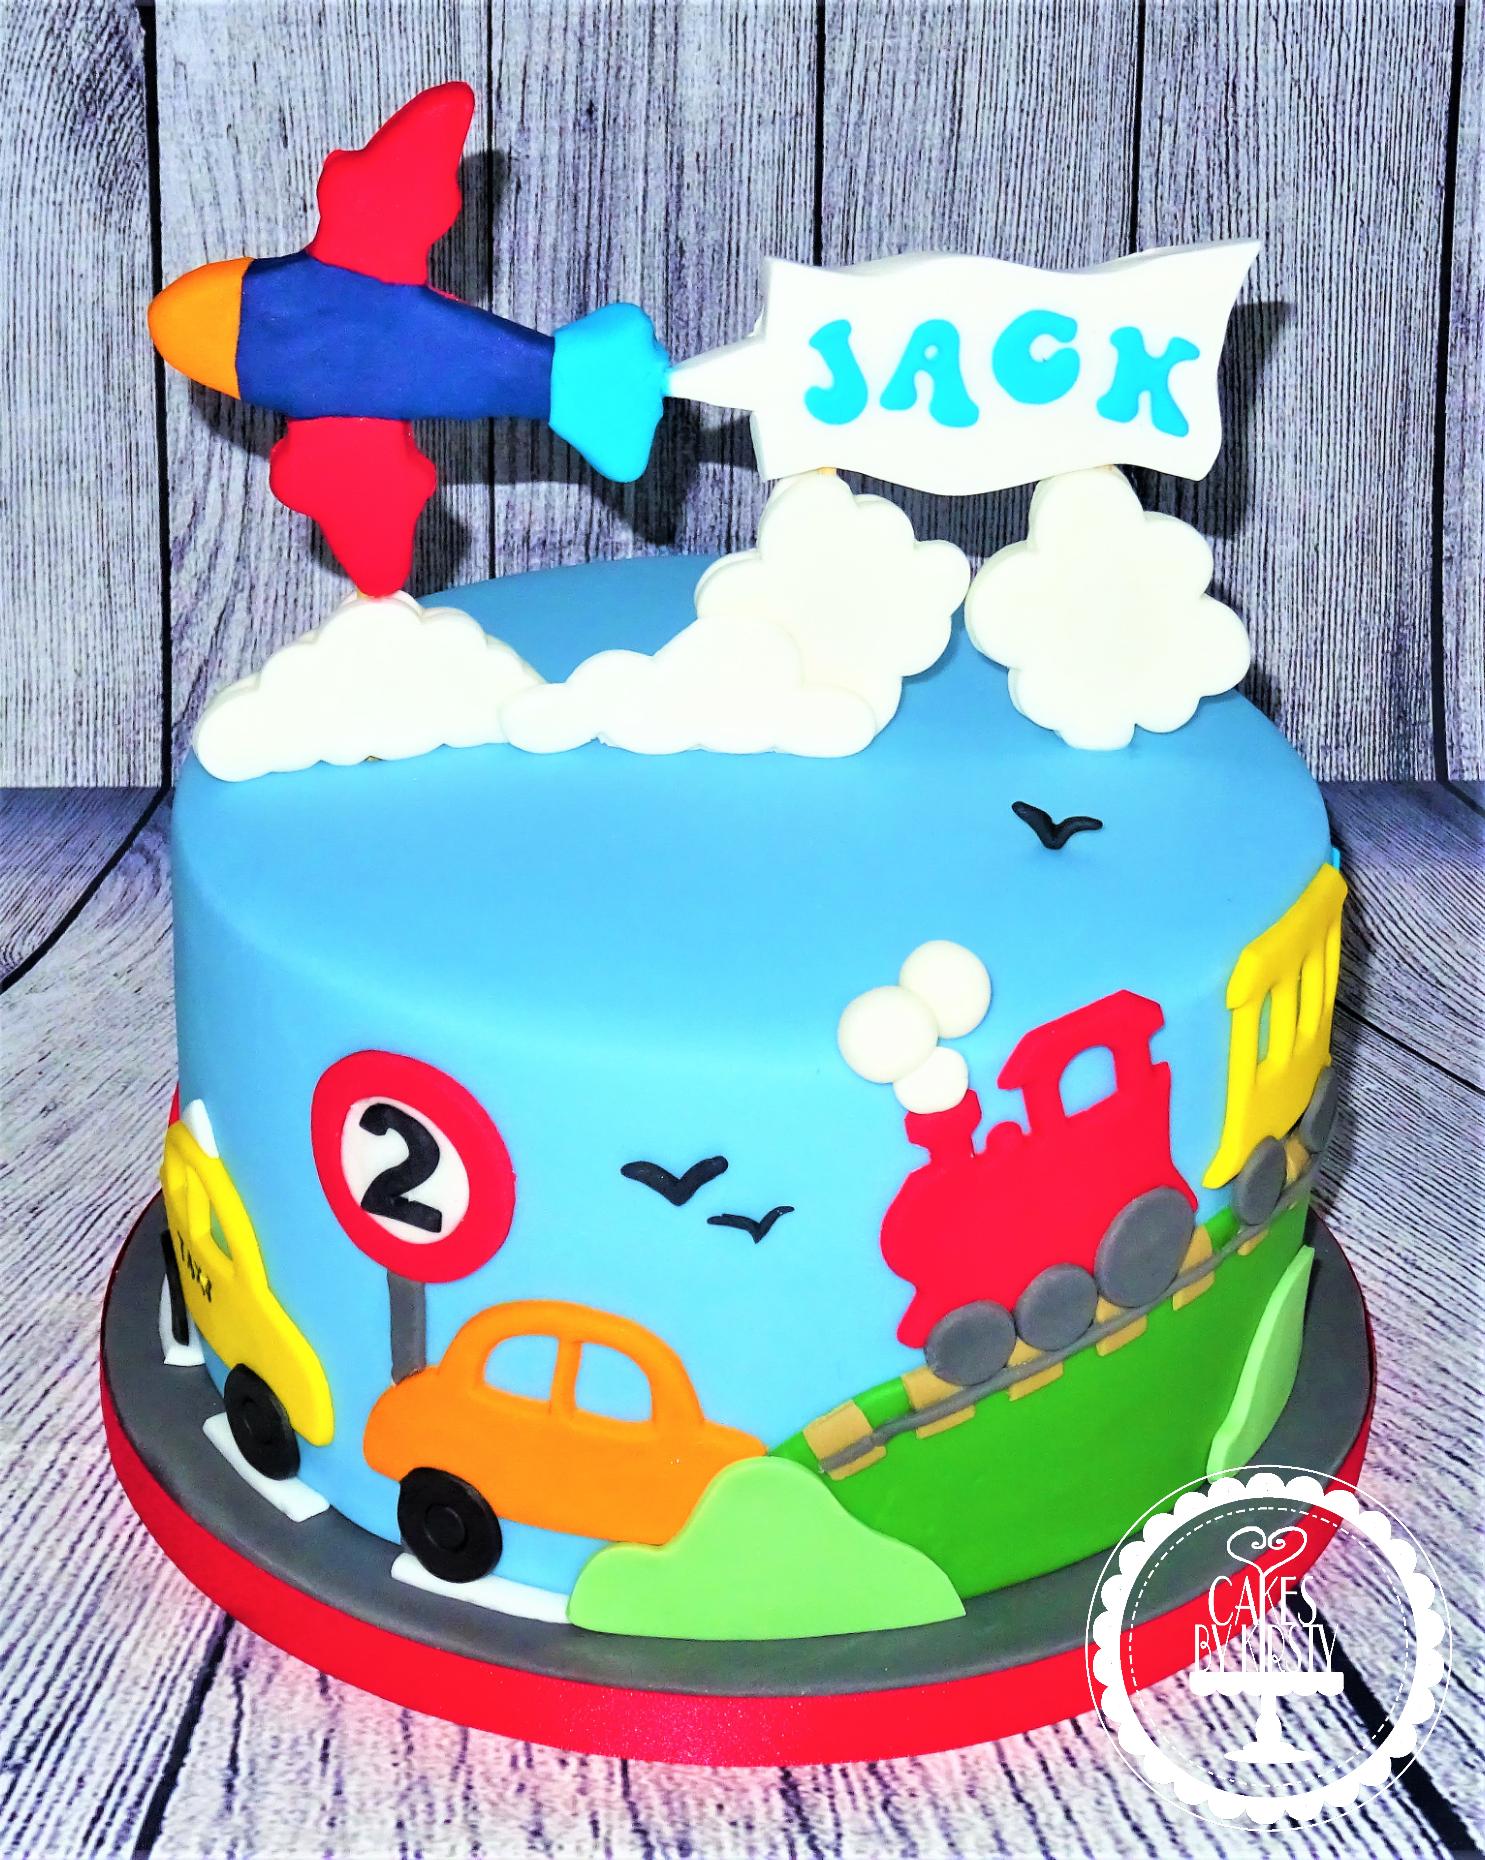 Automobile/Transport Cake